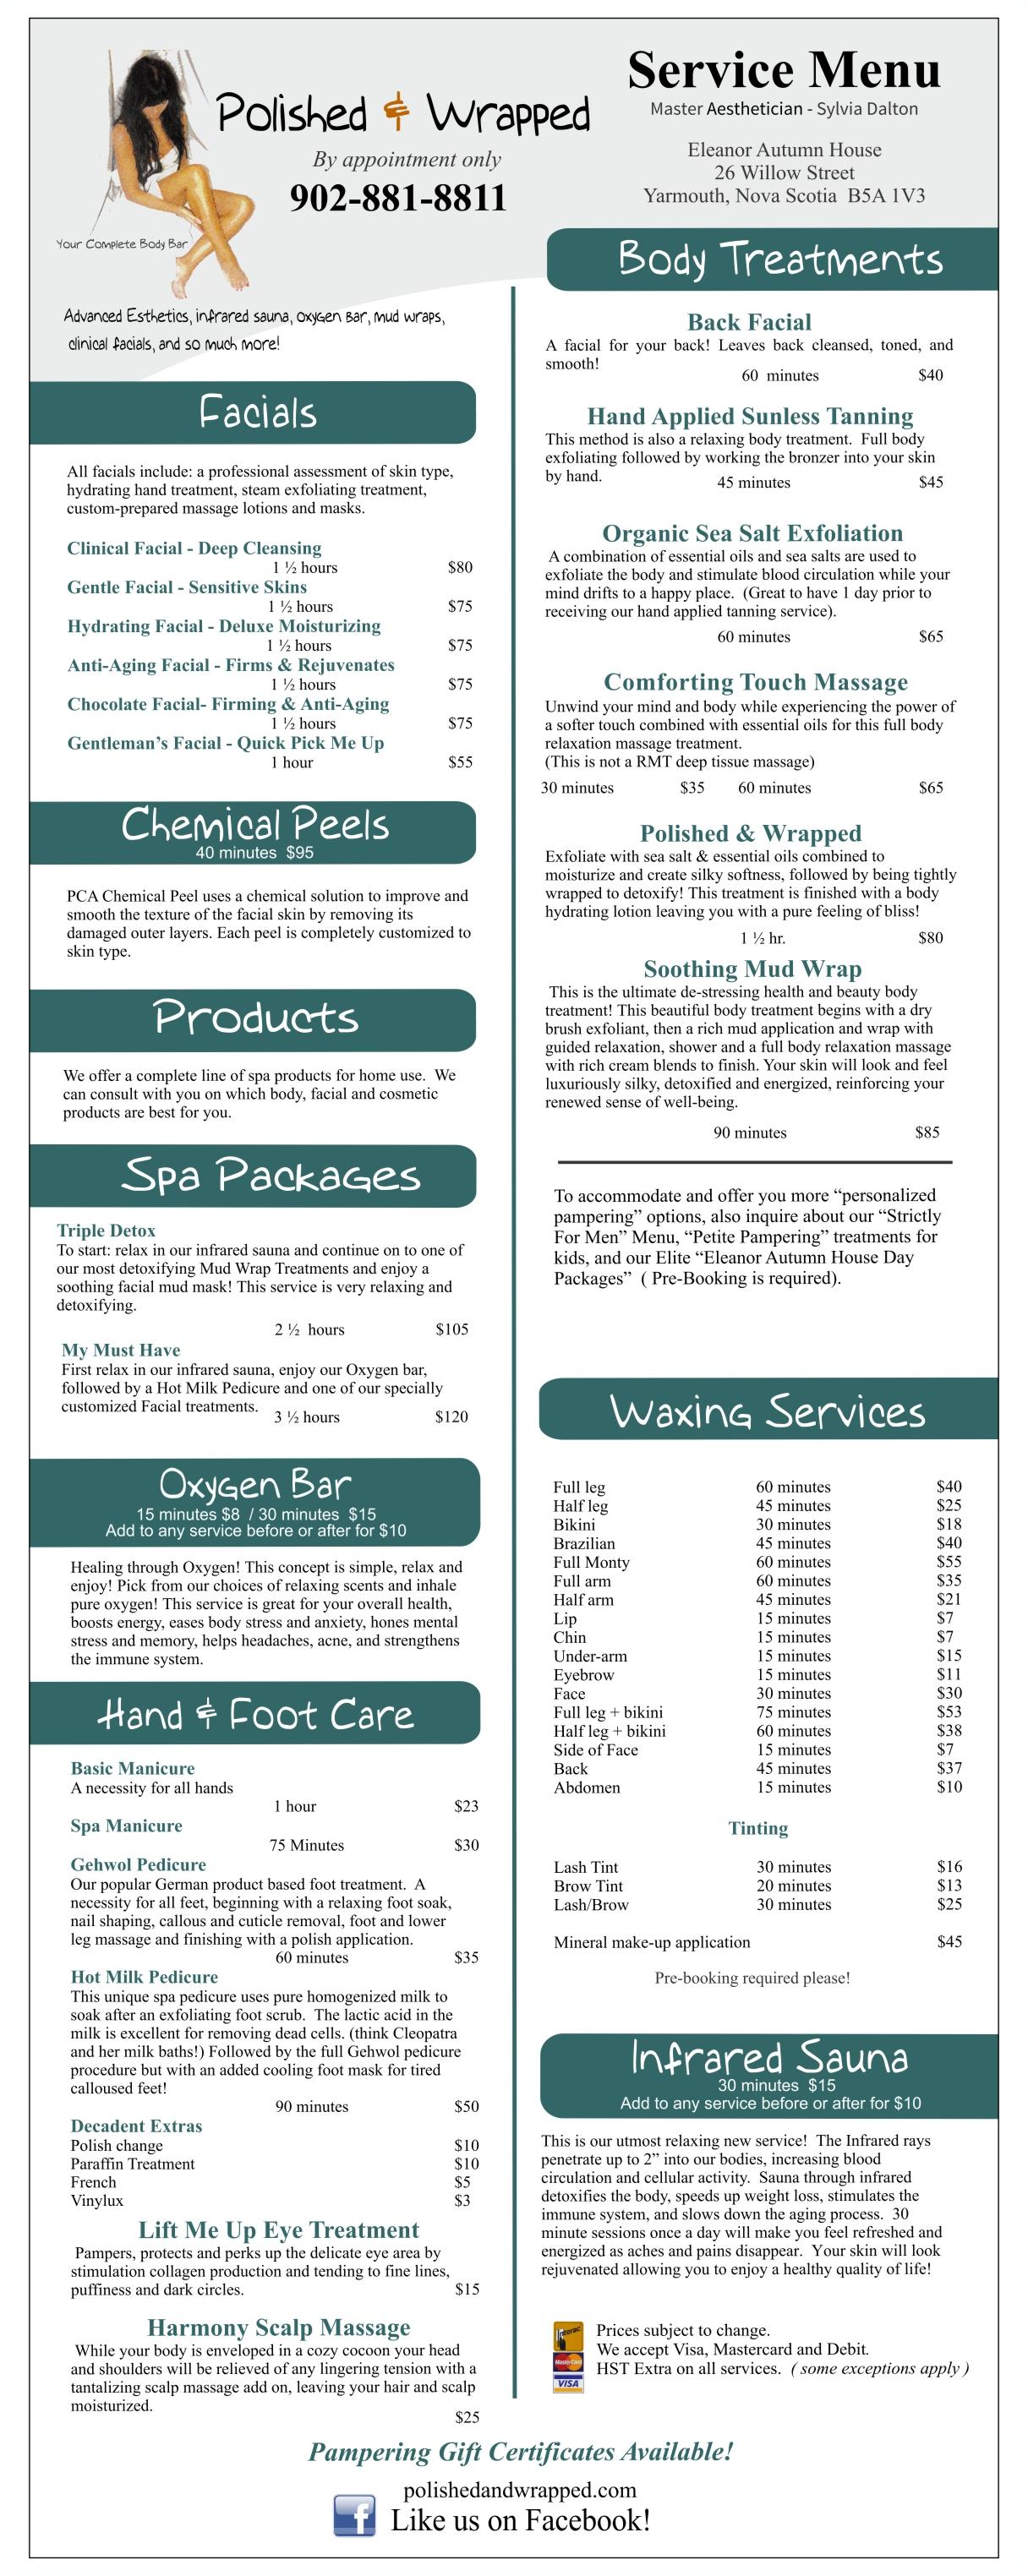 service-menu-2016